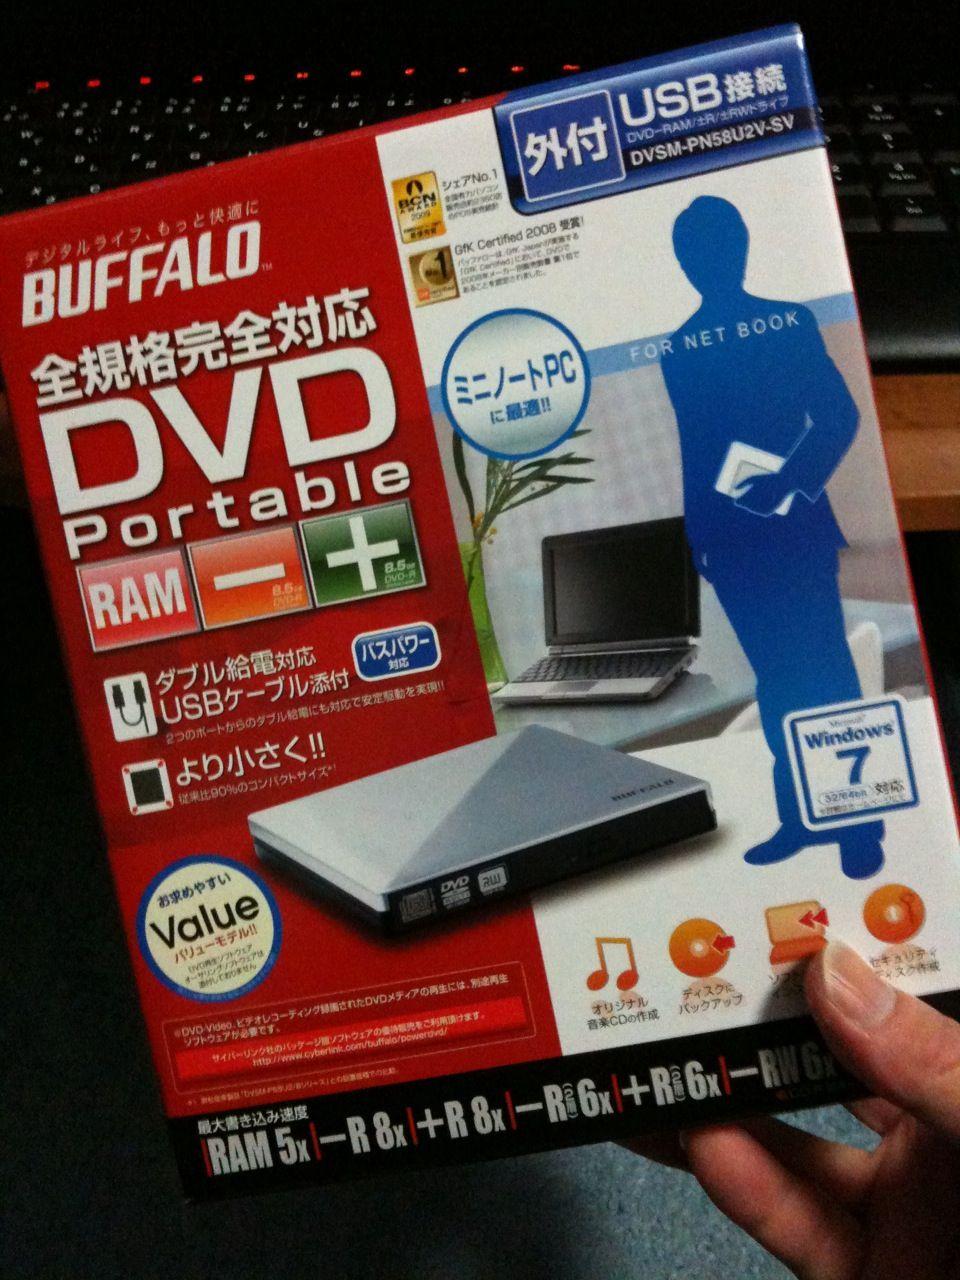 20110402_dvd-drive.jpg